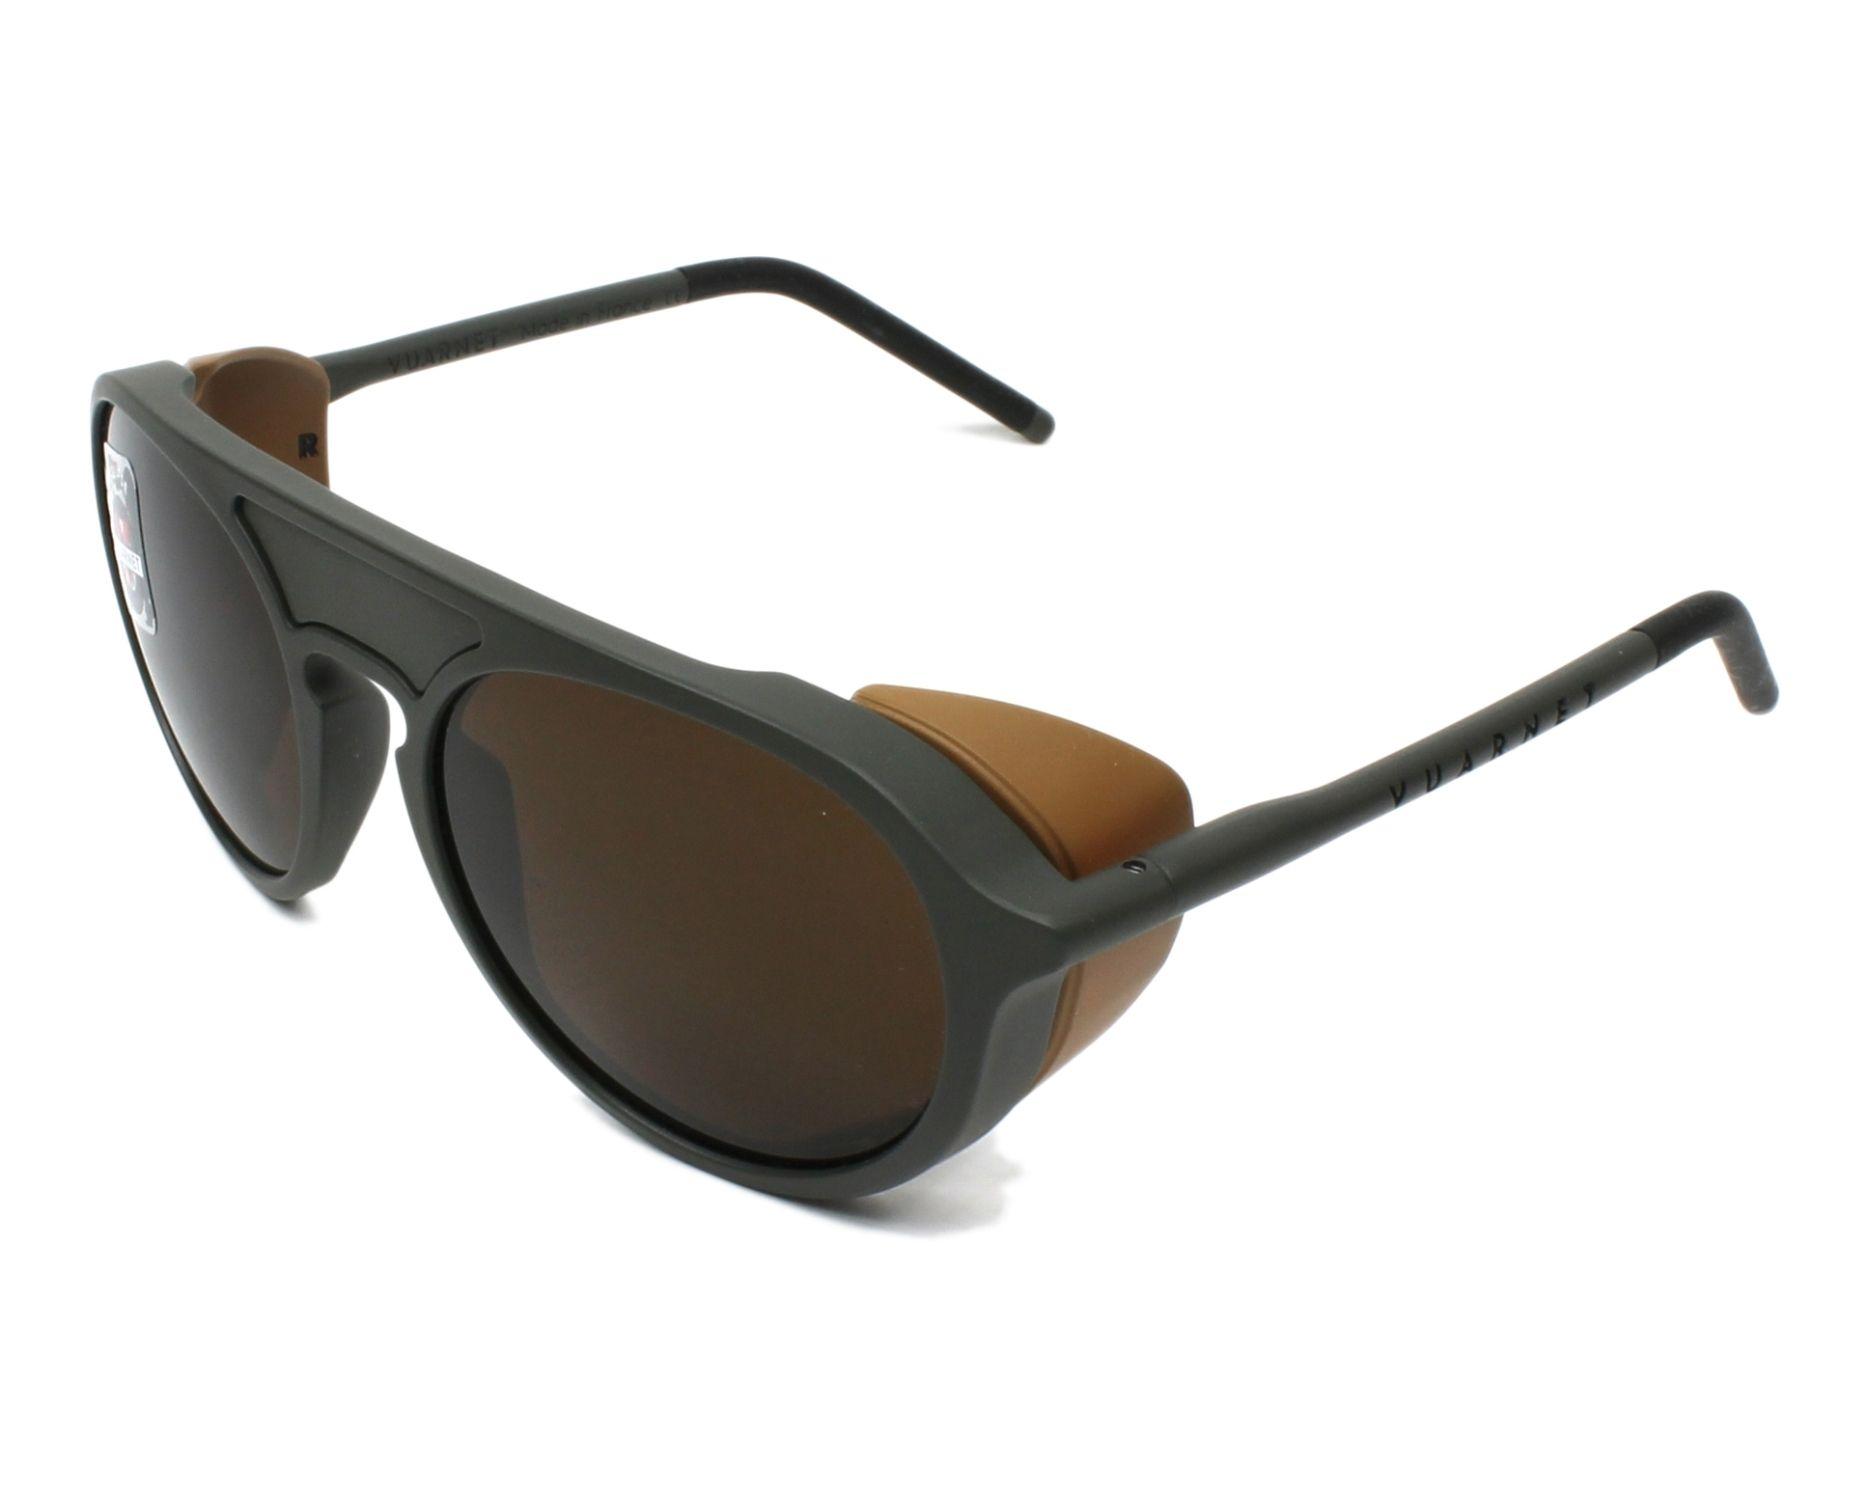 aa2e4476718 Trouvez vos lunettes de soleil Vuarnet en promotion toute l année